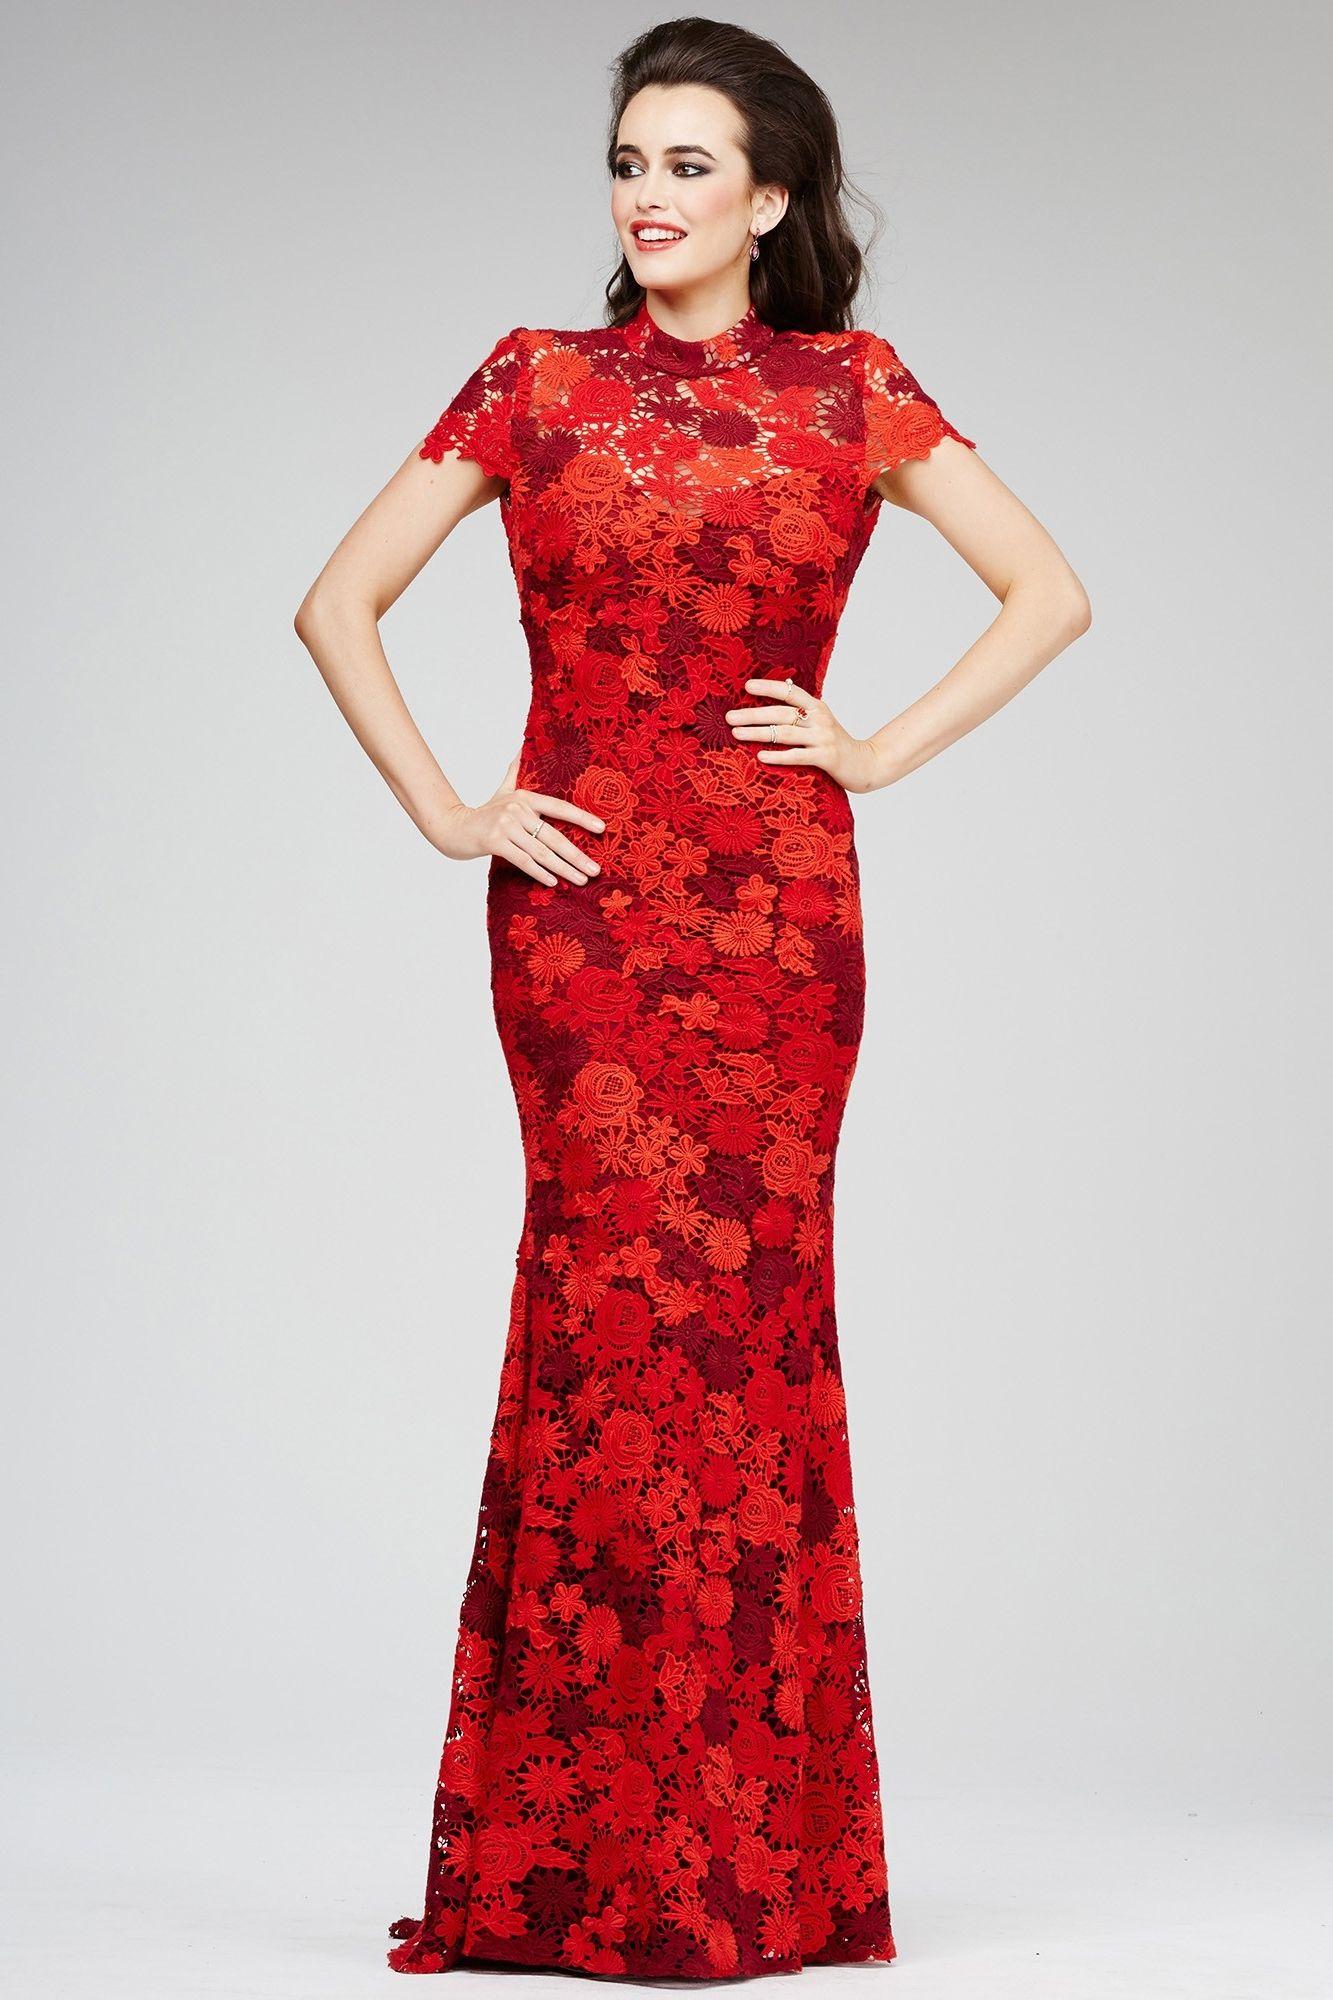 Kisa Boylular Icin Abiye Modelleri Kadin Ve Moda Aksamustu Giysileri Uzun Mezuniyet Balosu Elbiseleri Dantel Elbise